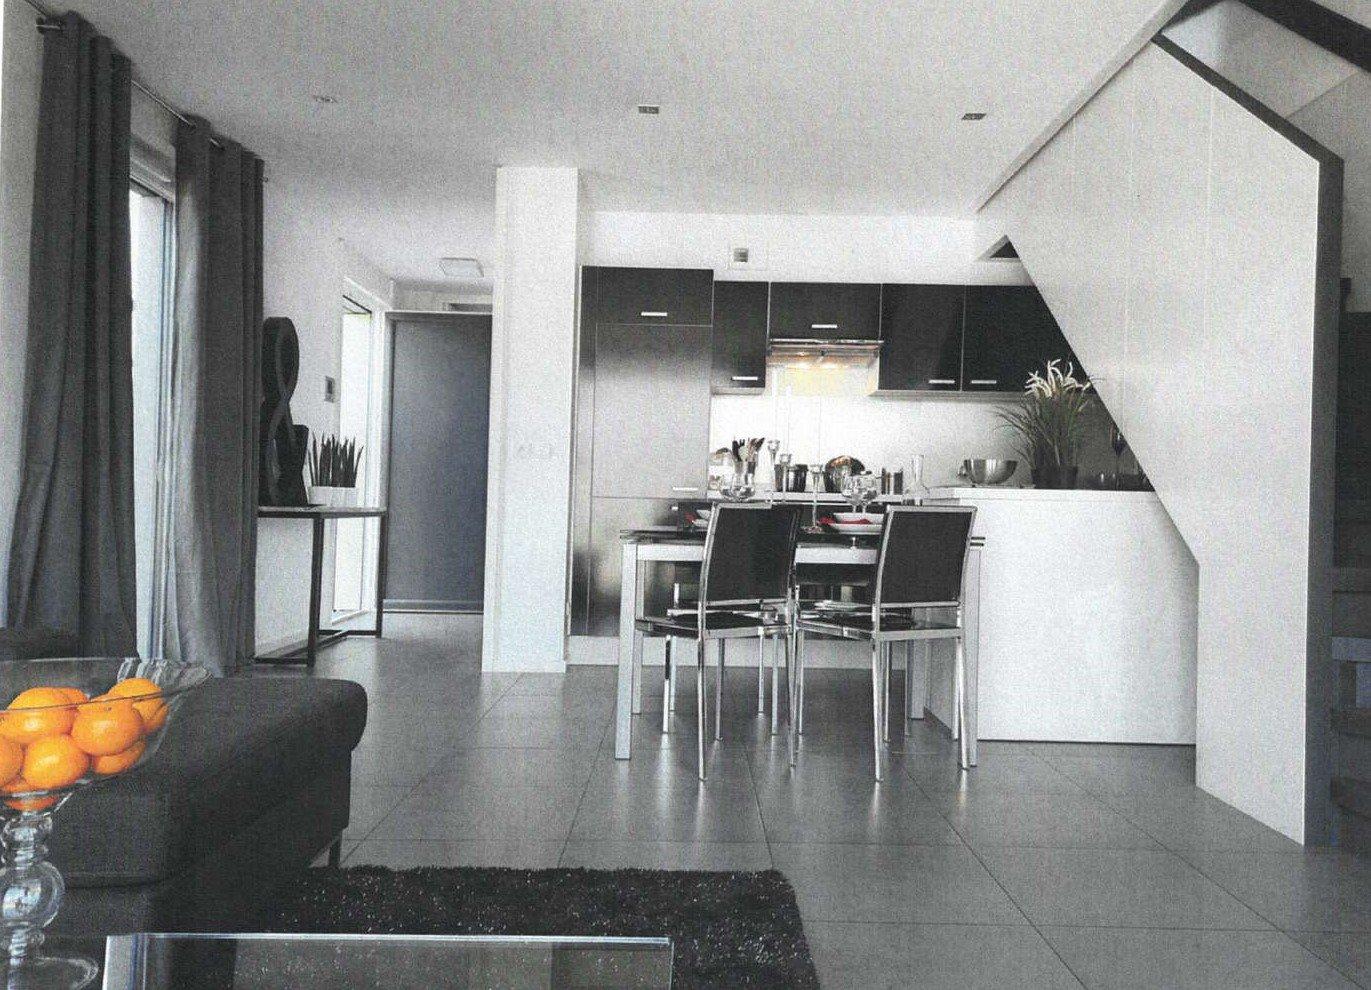 Mâcon, entre ville et campagne, venez découvrir cette belle maison BBC, construite en ossature bois avec un design très contemporain.  En rez de jardin, elle dispose d'une pièce à vivre avec cuisine équipée et d'une grande suite parentale. L'étage s'ouvre quant à lui sur un dégagement desservant 2 autres chambres, une salle de bain et un espace pouvant servir de salon TV.  Grandes baies vitrées offrant une vraie sensation de plein air et donnant sur une superbe terrasse de 100 m² et son jardin parfaitement aménagé (parcelle de 480 m² piscinable).   Vous cherchez une maison contemporaine (ouvertures, design, brises soleil orientables..), économe et écologique (BBC, chauffe eau thermodynamique, consommation énergétique faible, vraie isolation thermo-acoustique..) ? Ne cherchez plus, vous l'avez trouvé ! Honoraires à la charge des vendeurs.